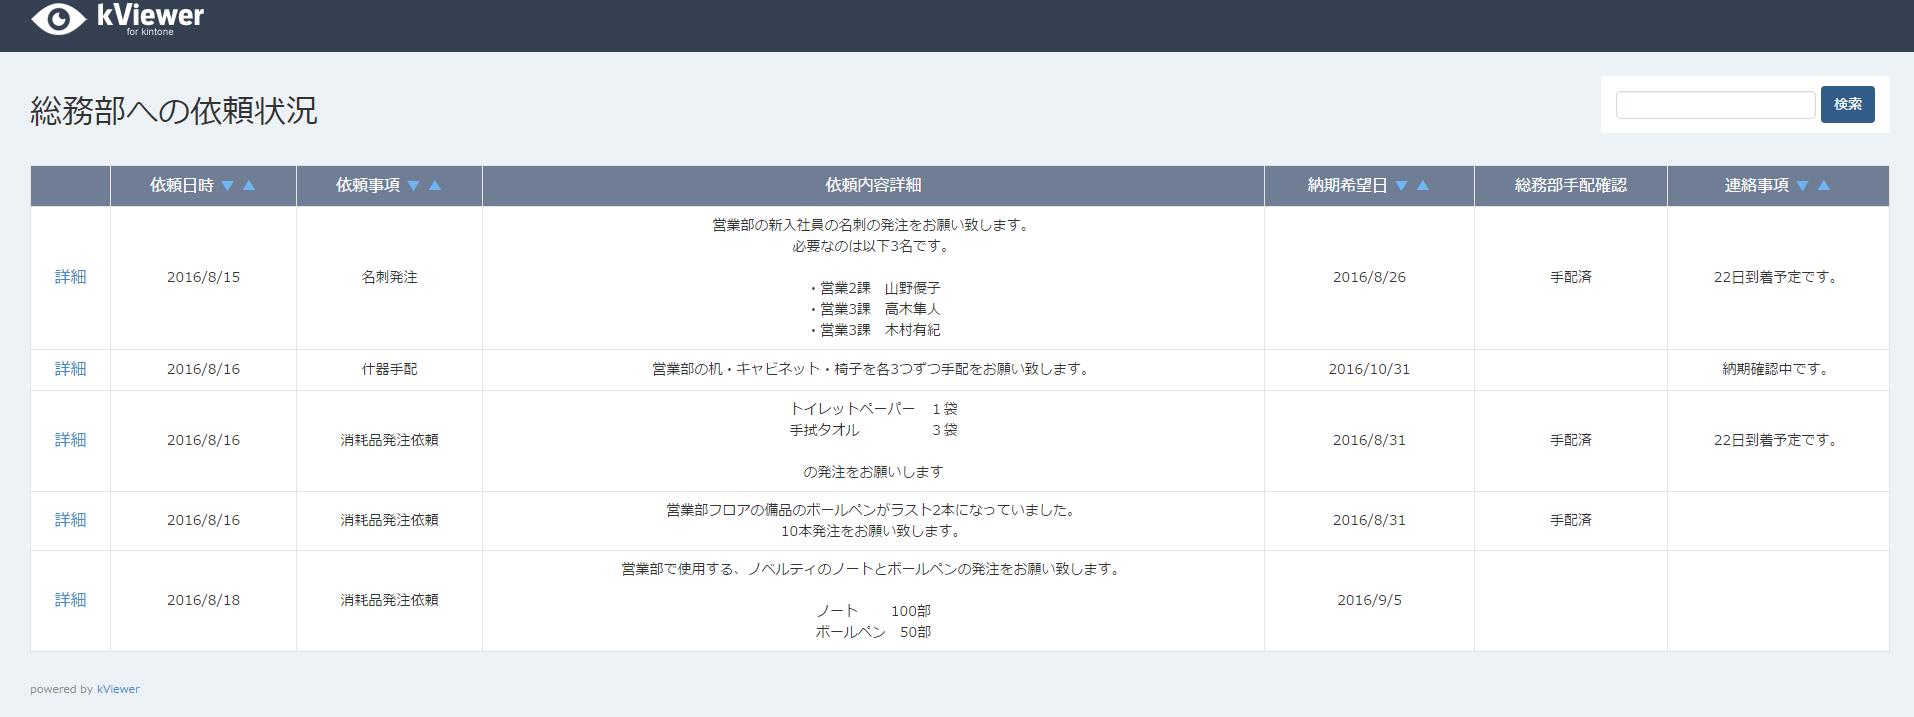 【使ってみた】kintoneアプリストア⑥~総務・人事系アプリ編1~